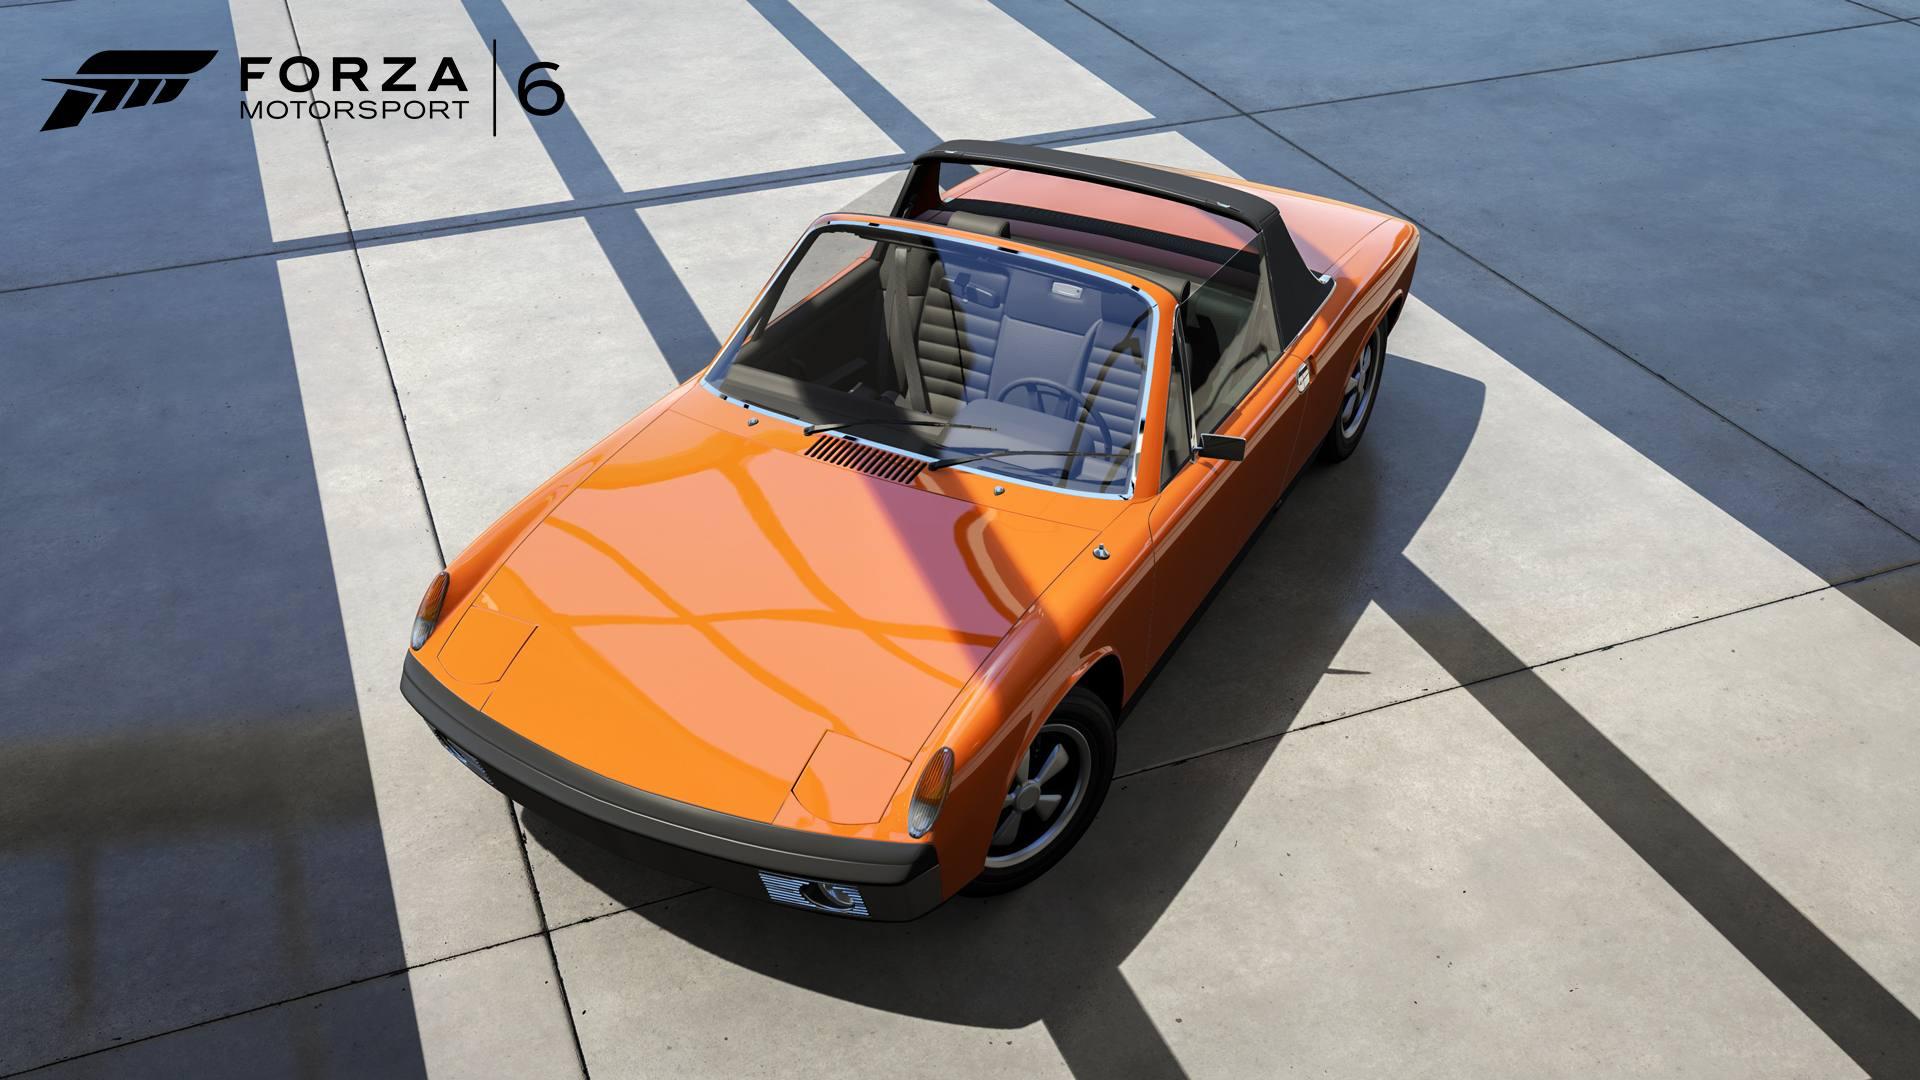 Forza Motorsport 6 01-03-16 1970 Porsche 9146